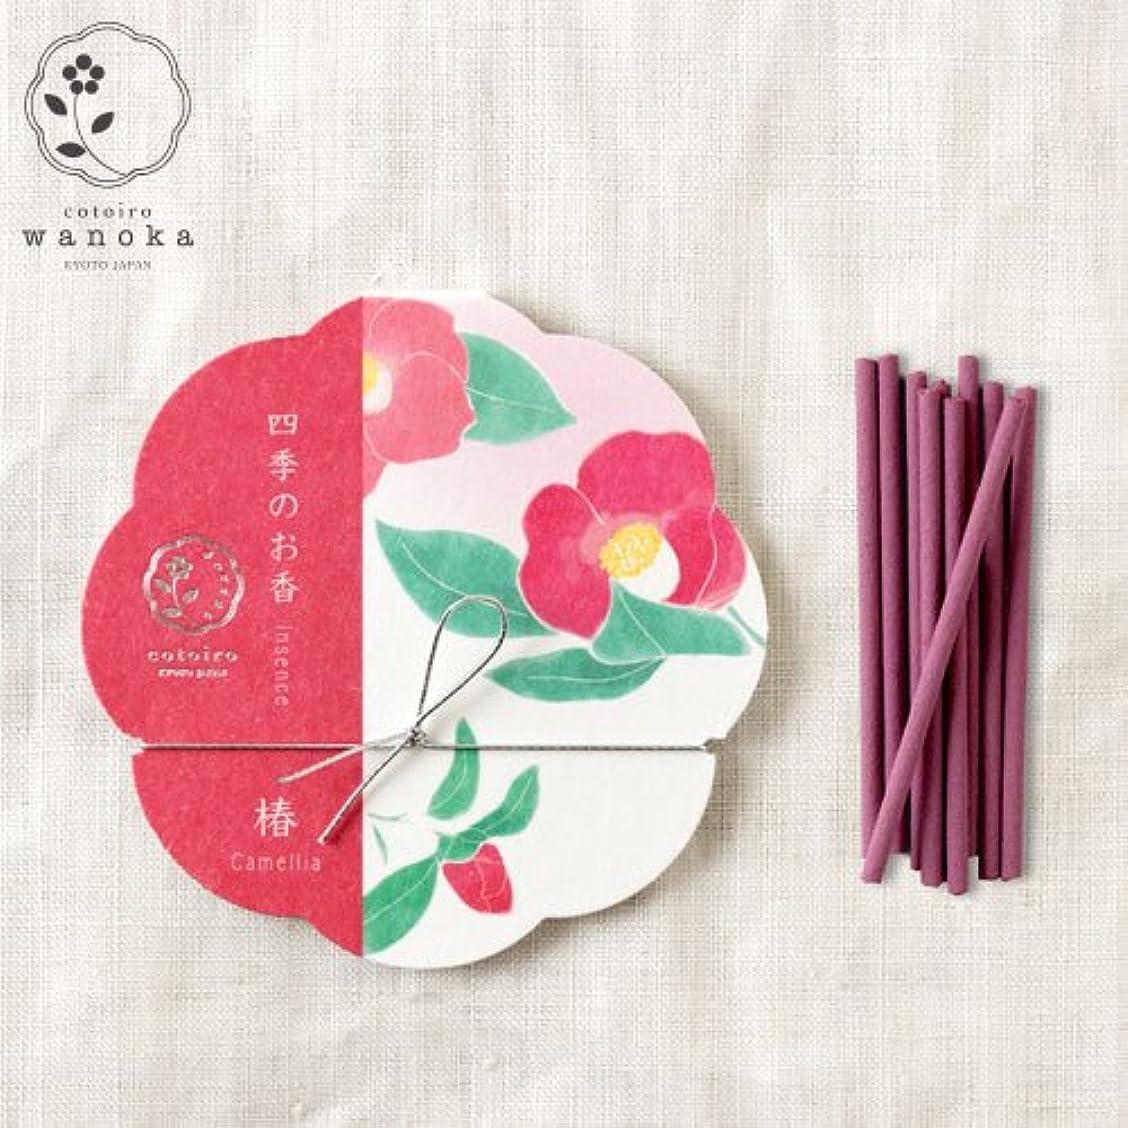 豆腐支給キャンペーンwanoka四季のお香(インセンス)椿《椿をイメージしたおしとやかで深みのある香り》ART LABIncense stick